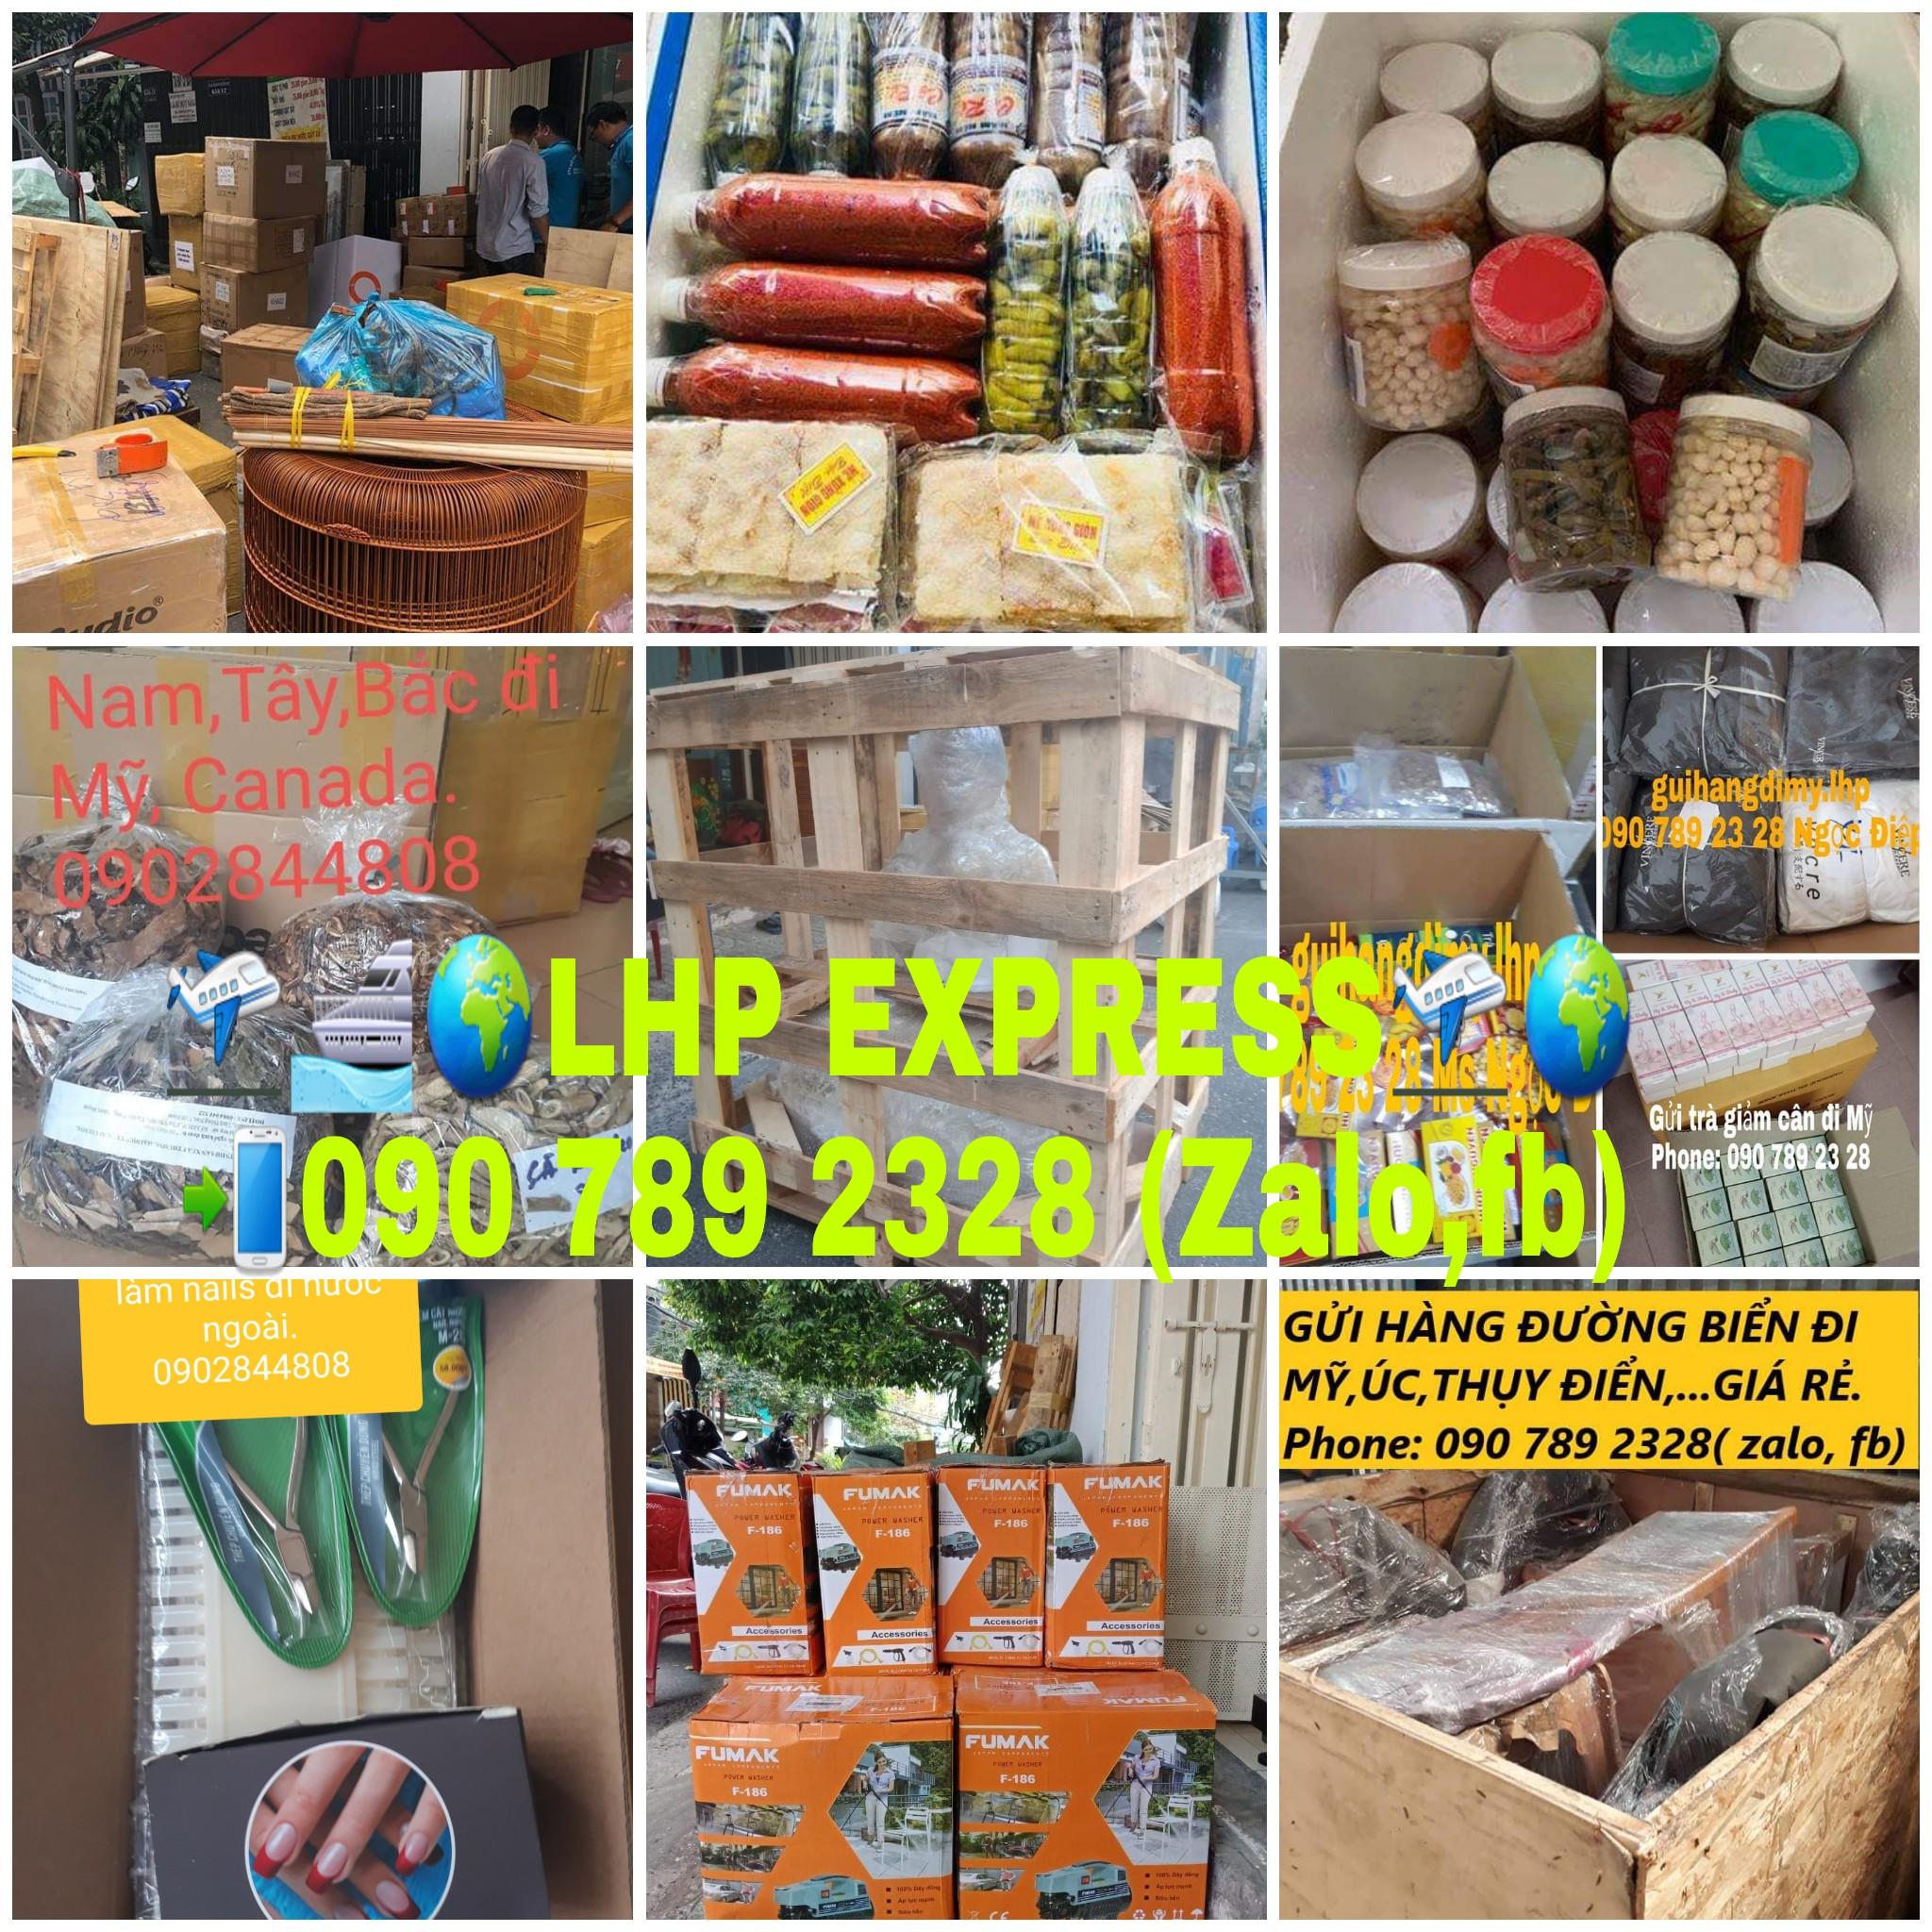 Gửi thực phẩm đi Mỹ, gửi hàng hóa đi nước ngoài bằng đường bay và tàu biển